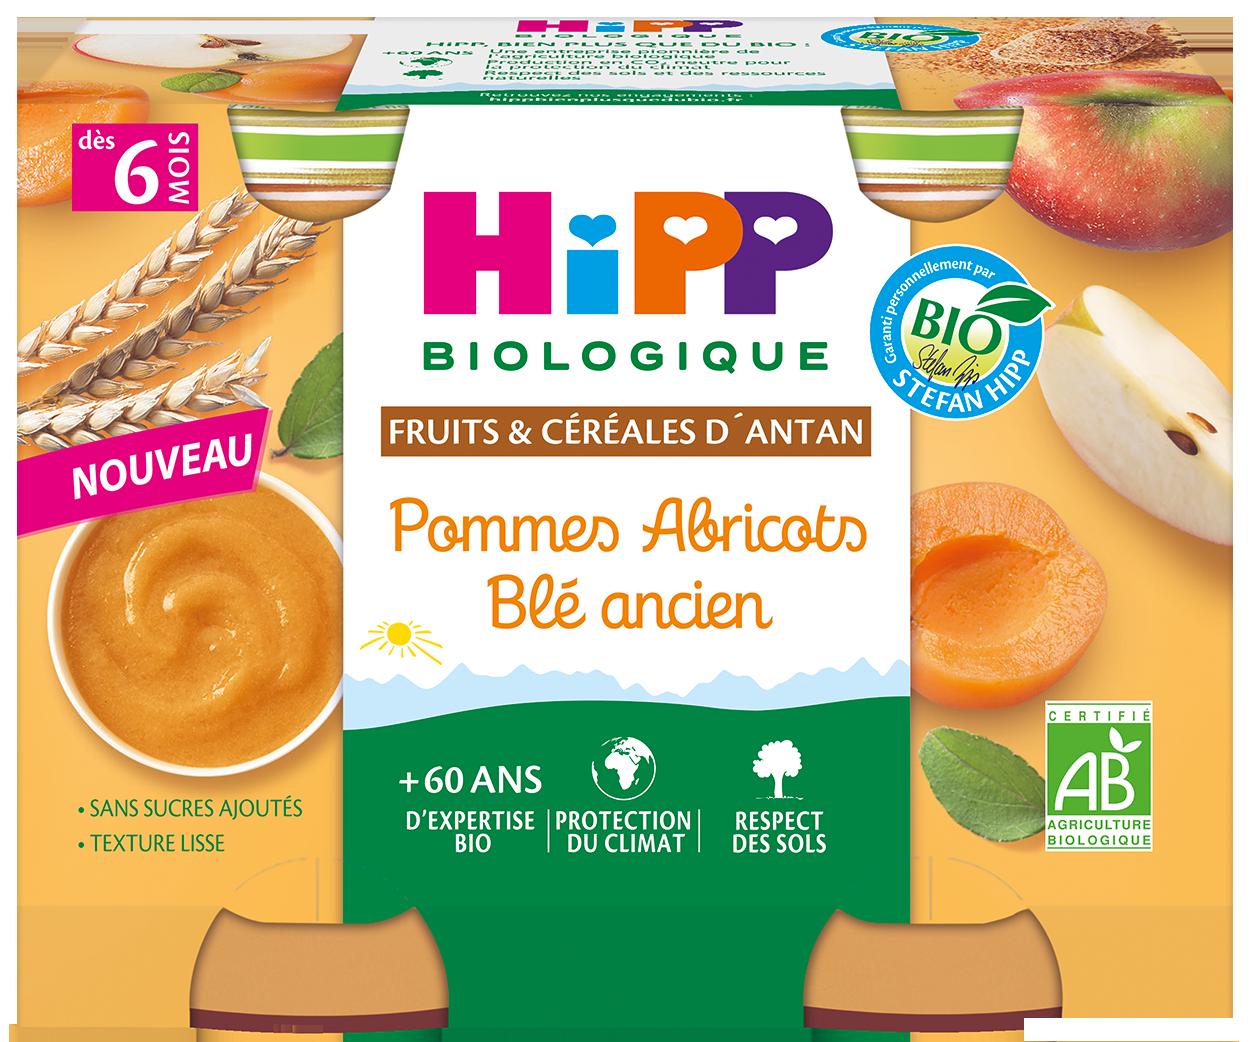 Pommes abricots ble ancien - HIPP agrandit sa gamme de produits bios pour bébé